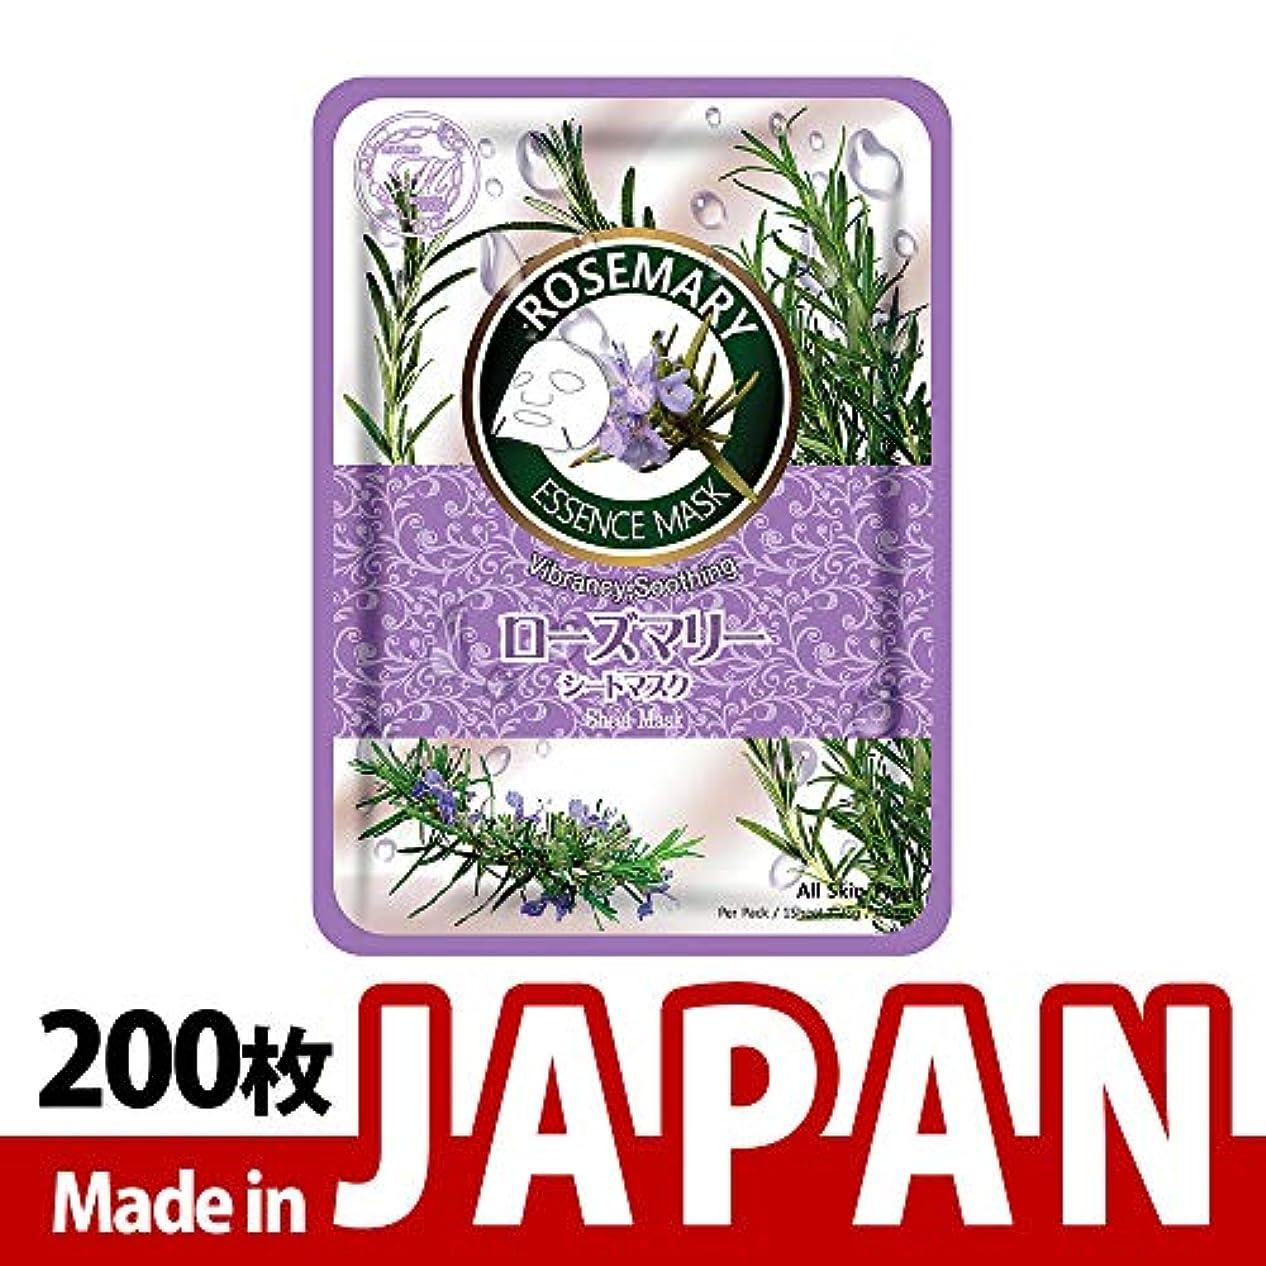 アクションシエスタ刺激する【MT612-C-1】MITOMO日本製シートマスク/10枚入り/200枚/美容液/マスクパック/送料無料